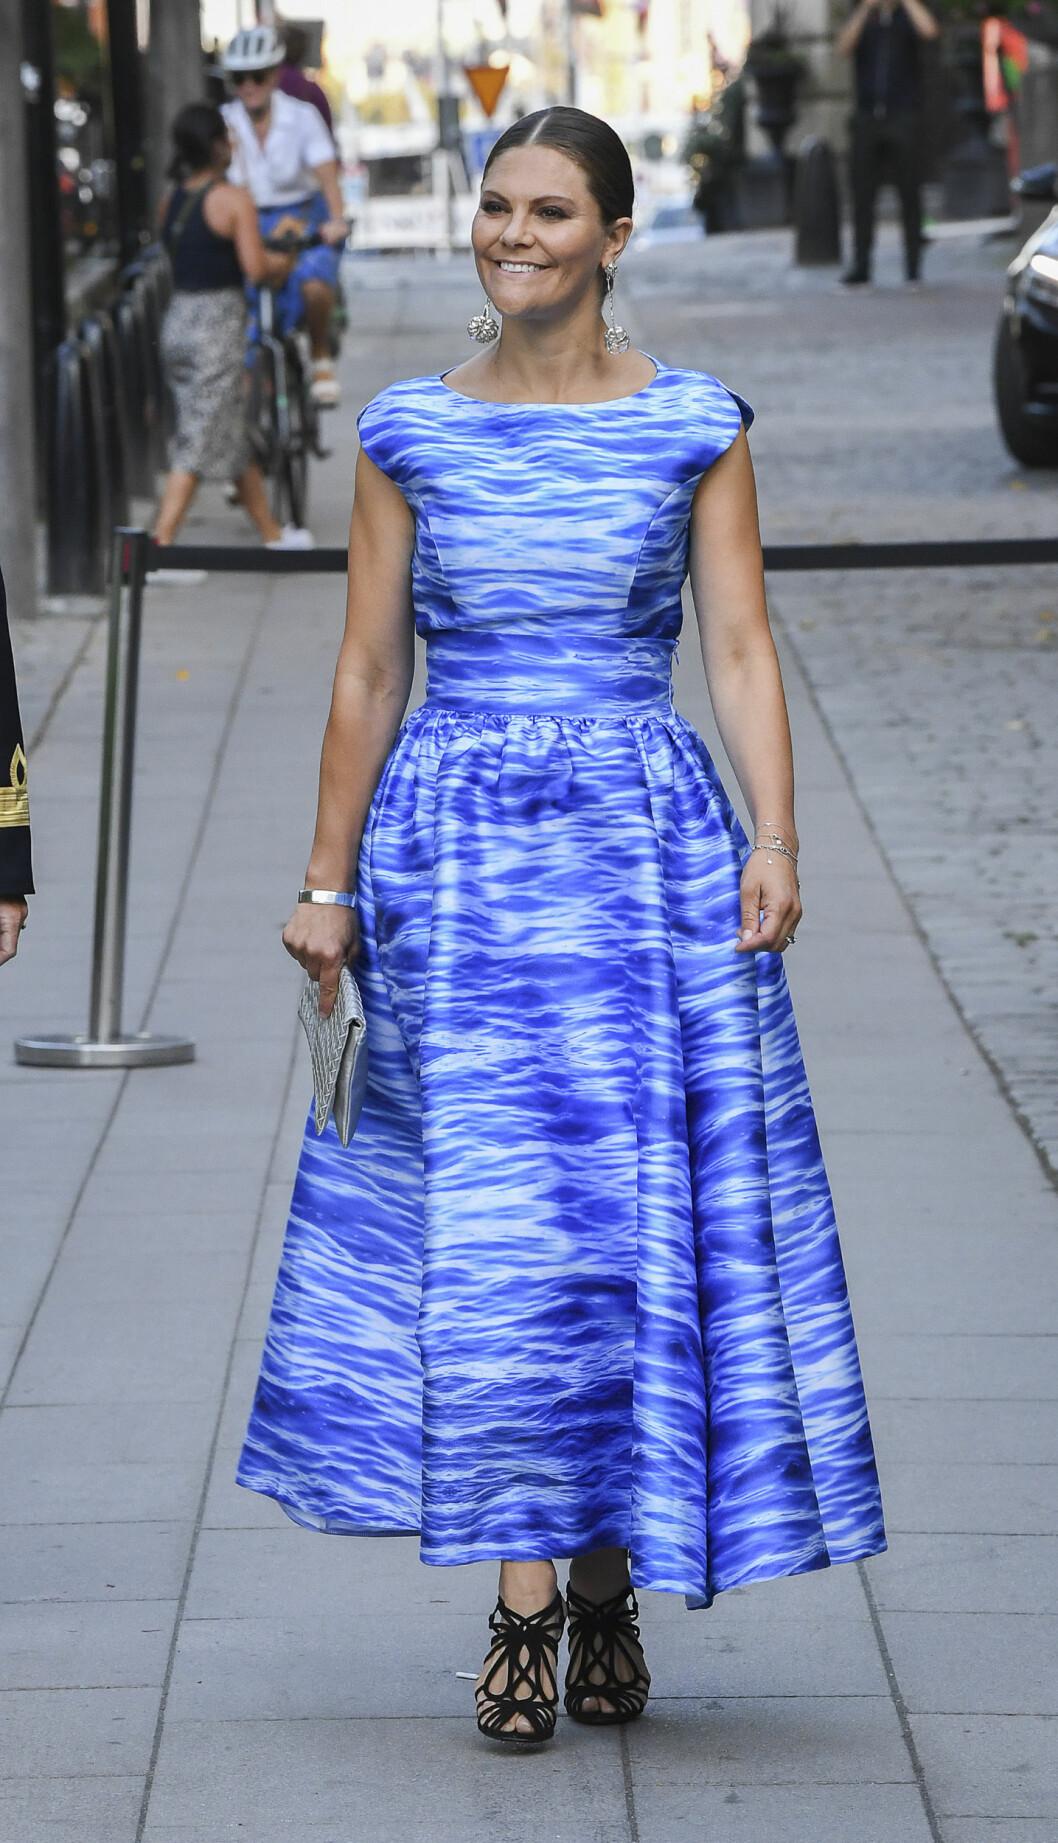 Victoria i klänning från svenska Maxjenny.